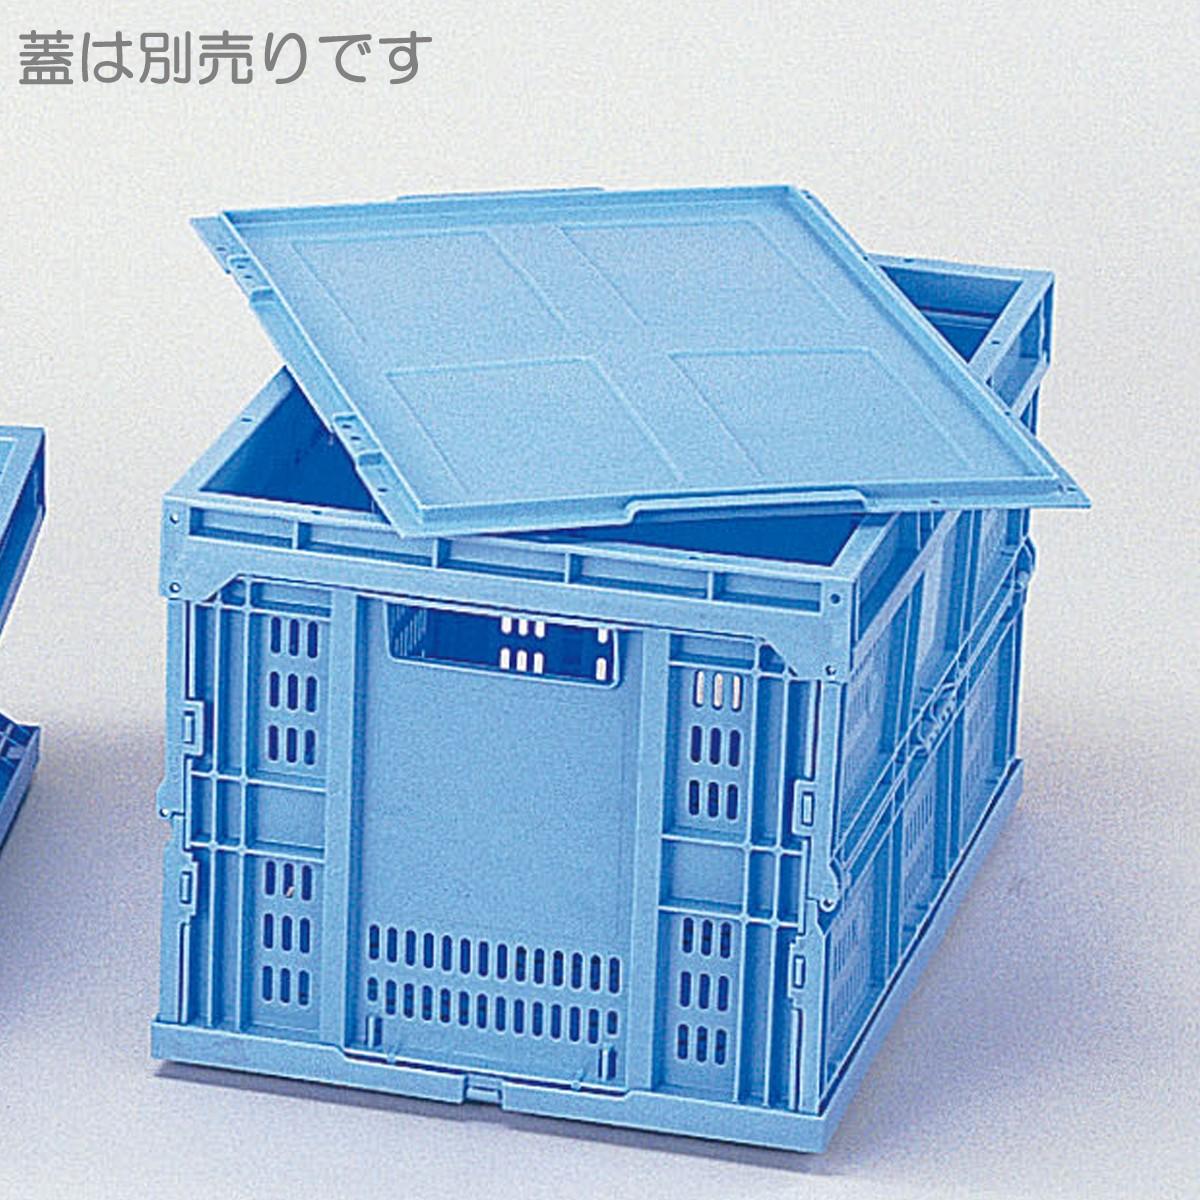 折りたたみ式 粘土作品 乾燥箱 M50型 【 陶芸 粘土 乾燥 】